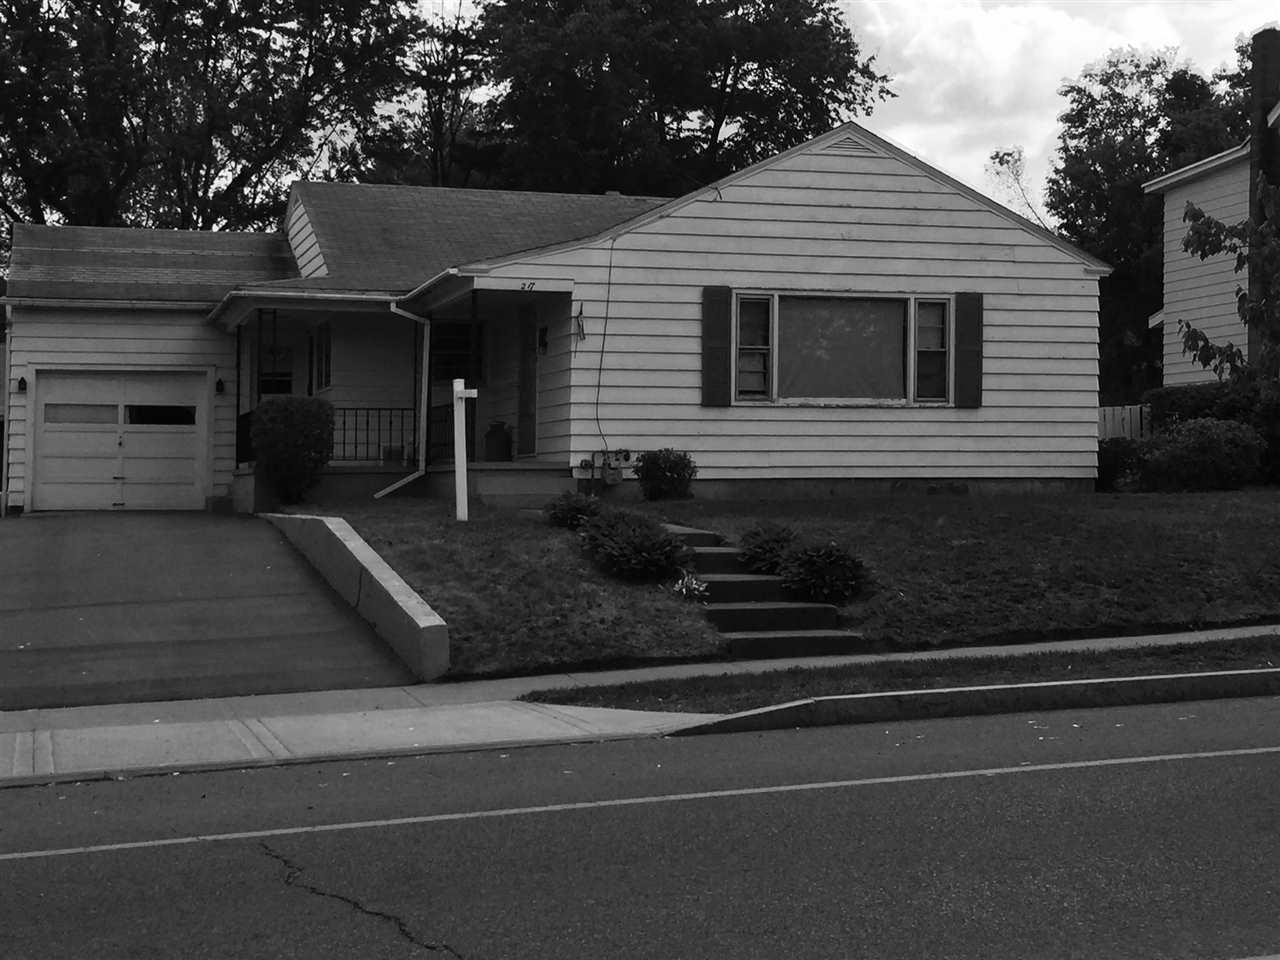 217 Bay St, Glens Falls, NY